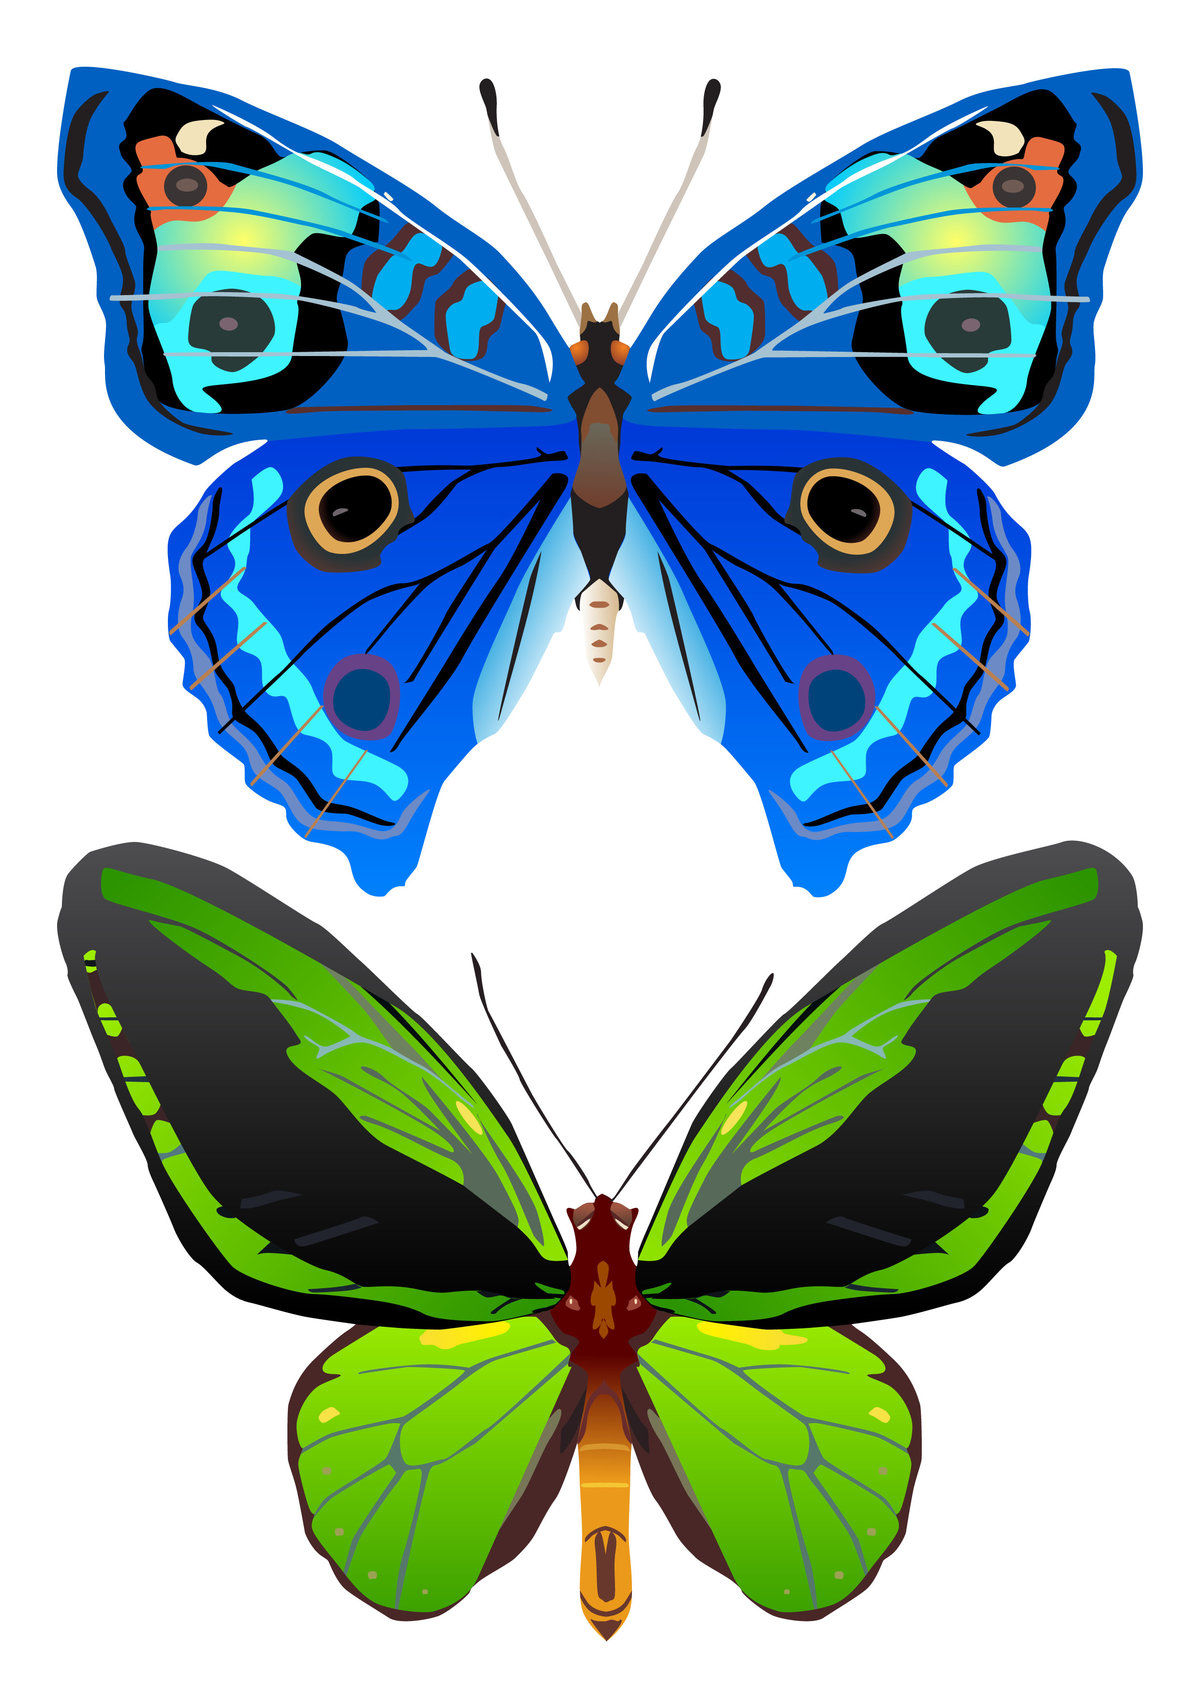 Гофрированной бумаги, картинка бабочки для вырезания распечатать цветные